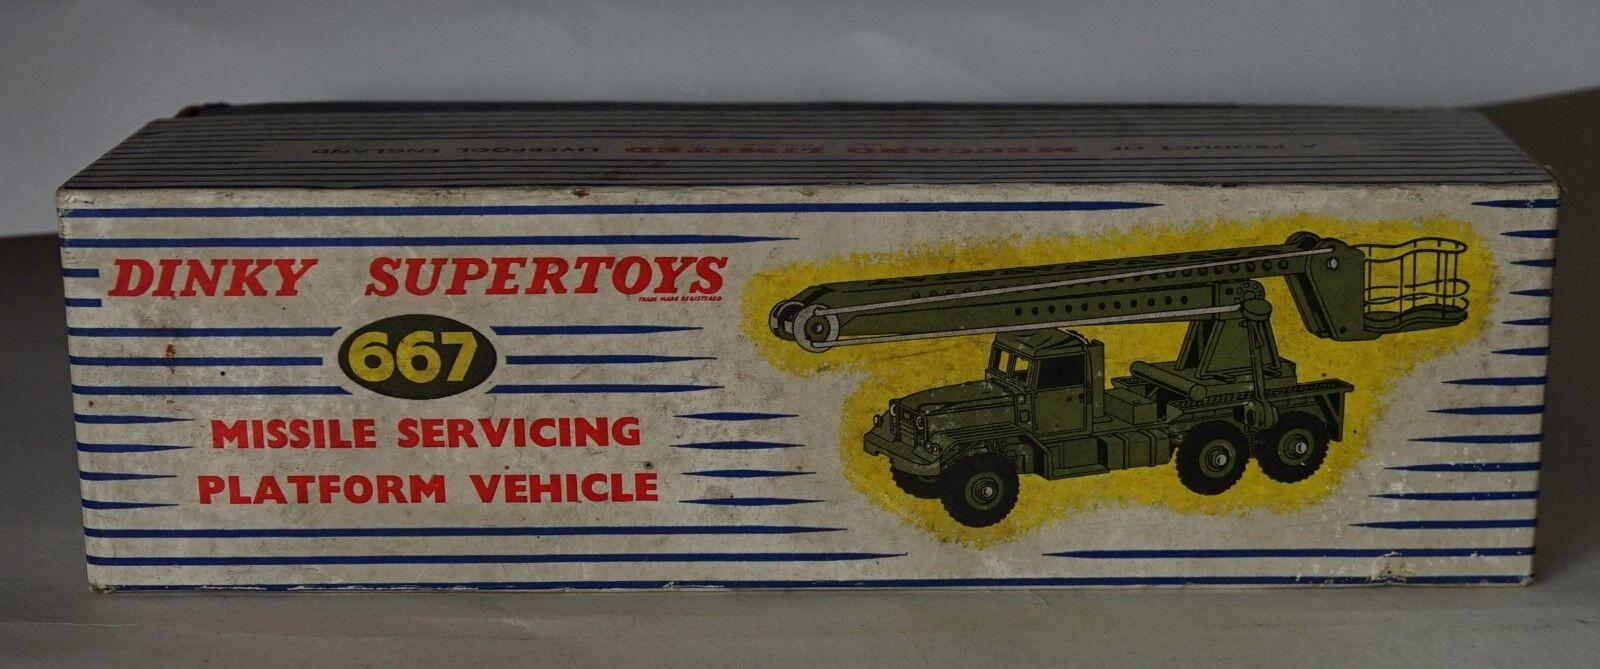 ofrecemos varias marcas famosas Dinky Juguetes 667 vehículo de de de plataforma de mantenimiento de misiles,  como Nuevo  Caja en muy buena  Ven a elegir tu propio estilo deportivo.